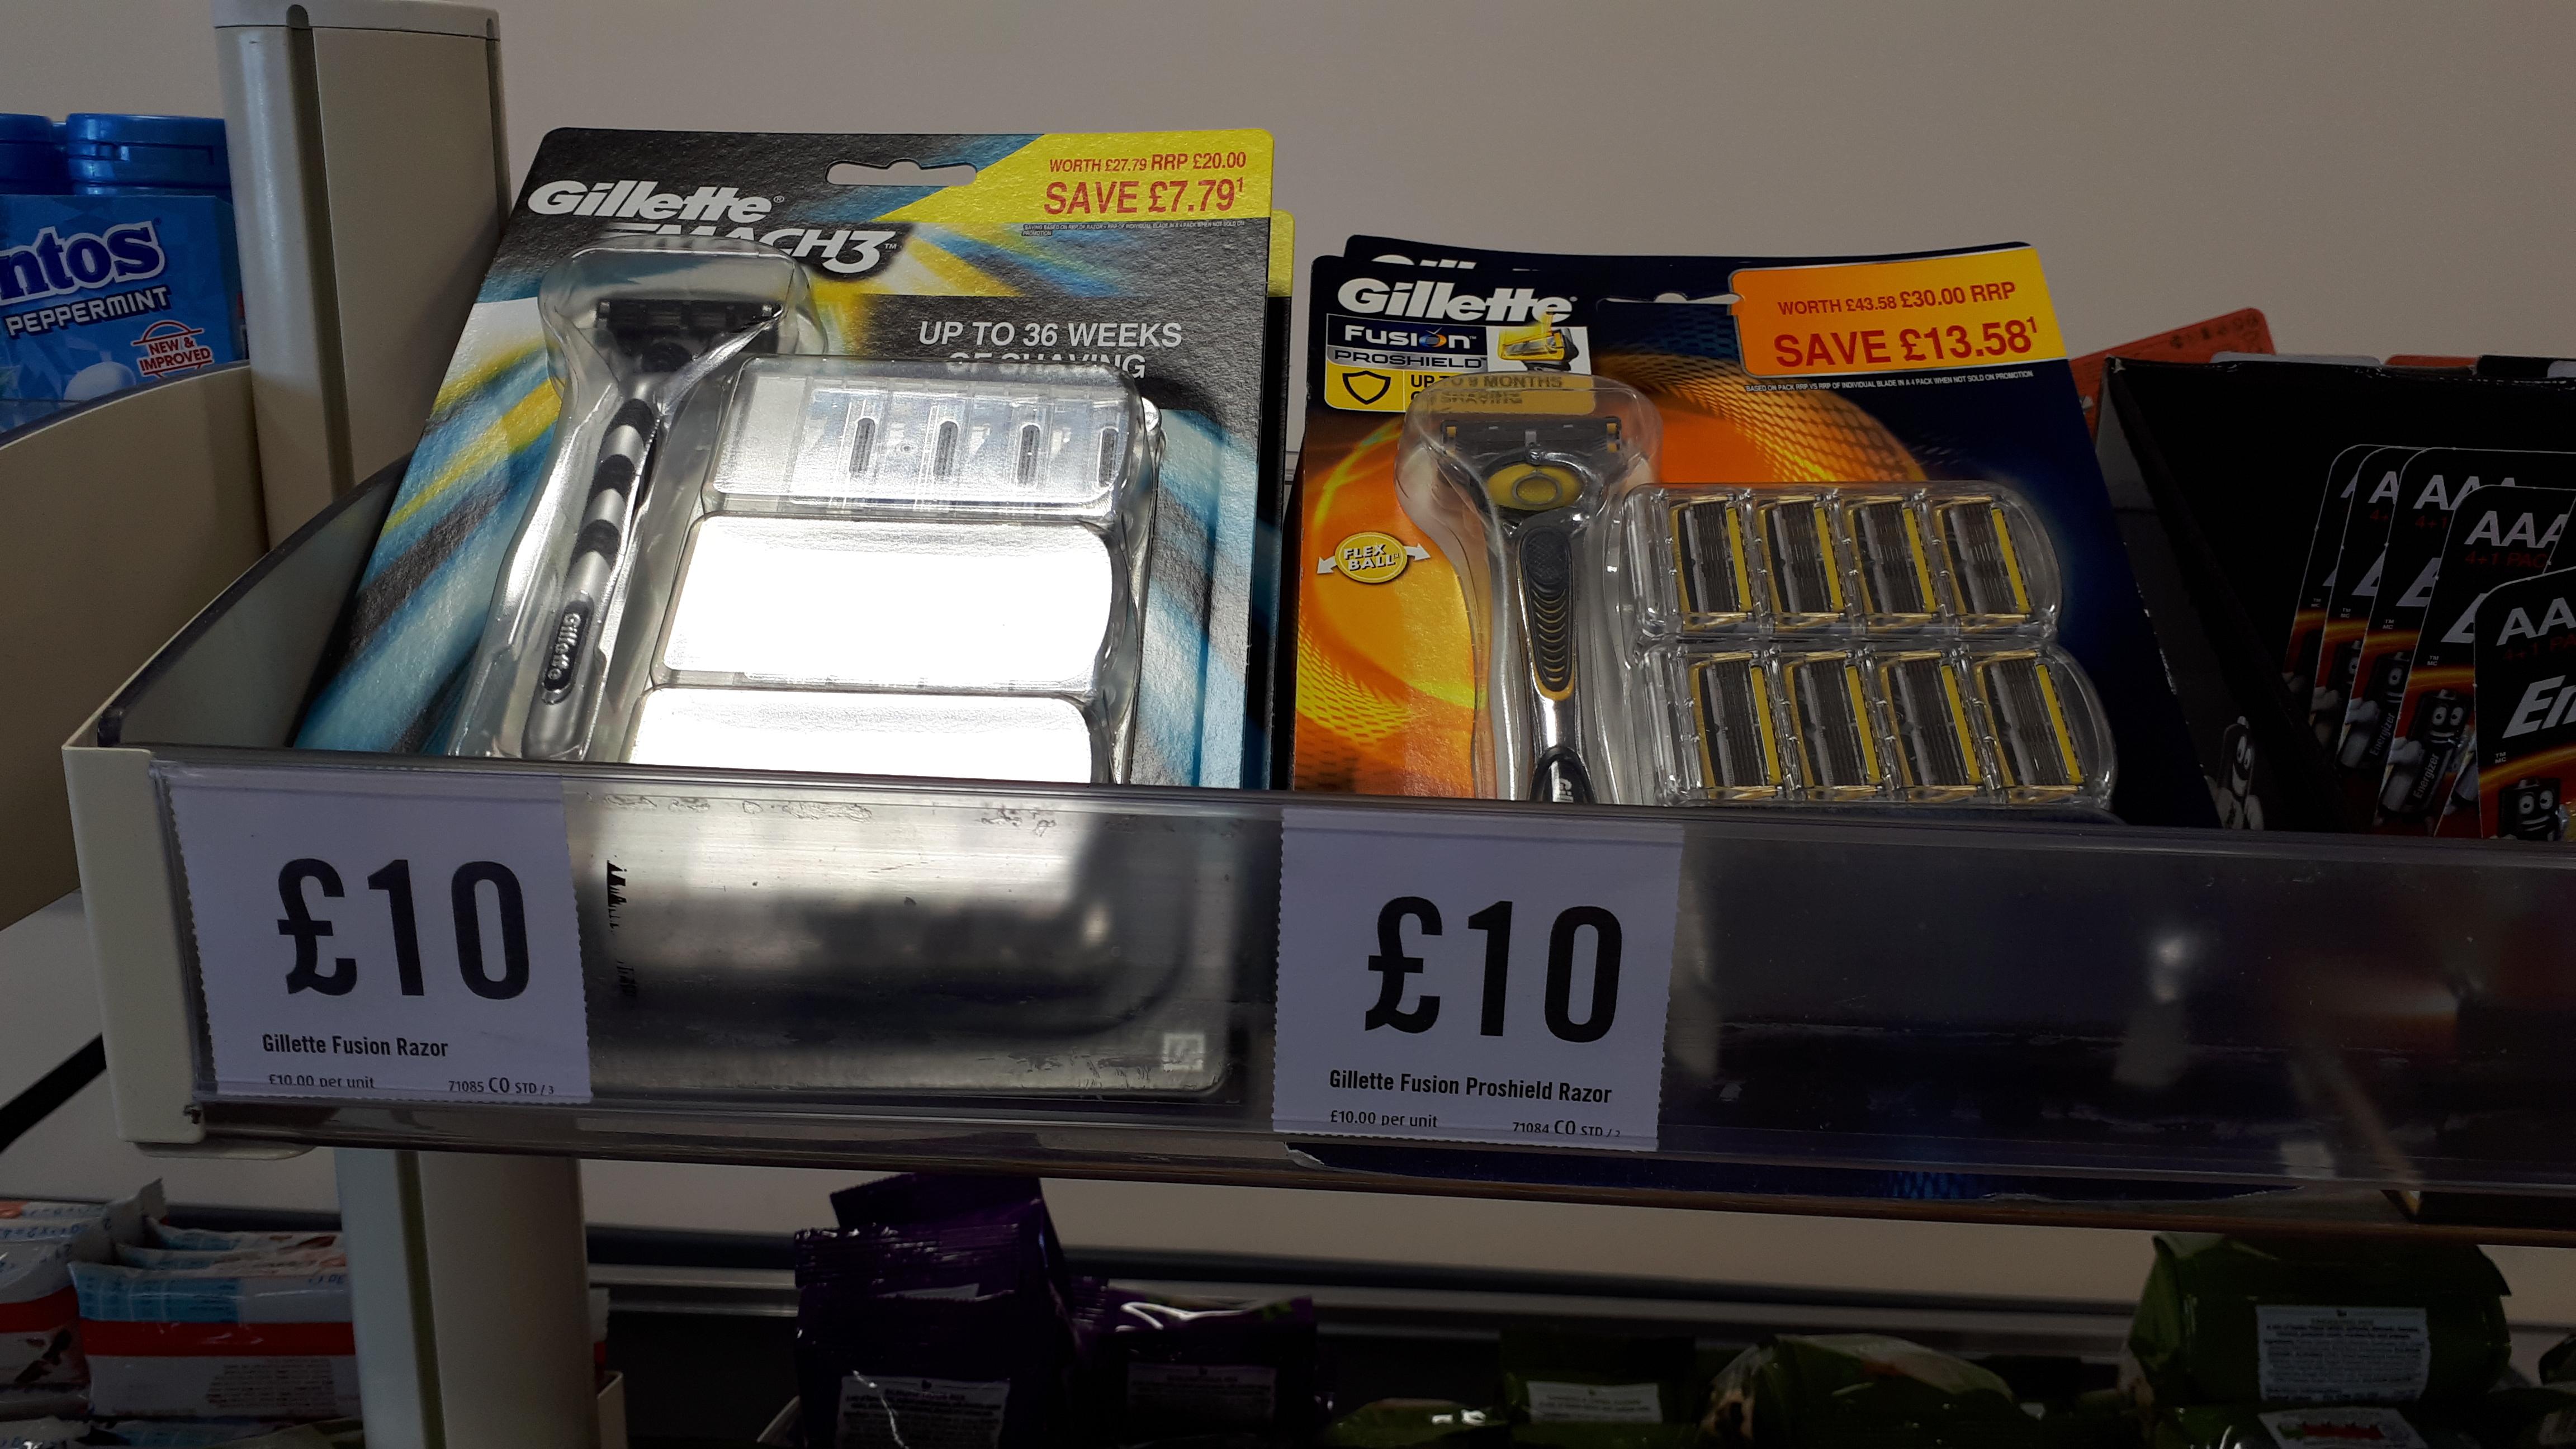 Gillette Mach 3 razor blades £10 @ Iceland warehouse lowestoft